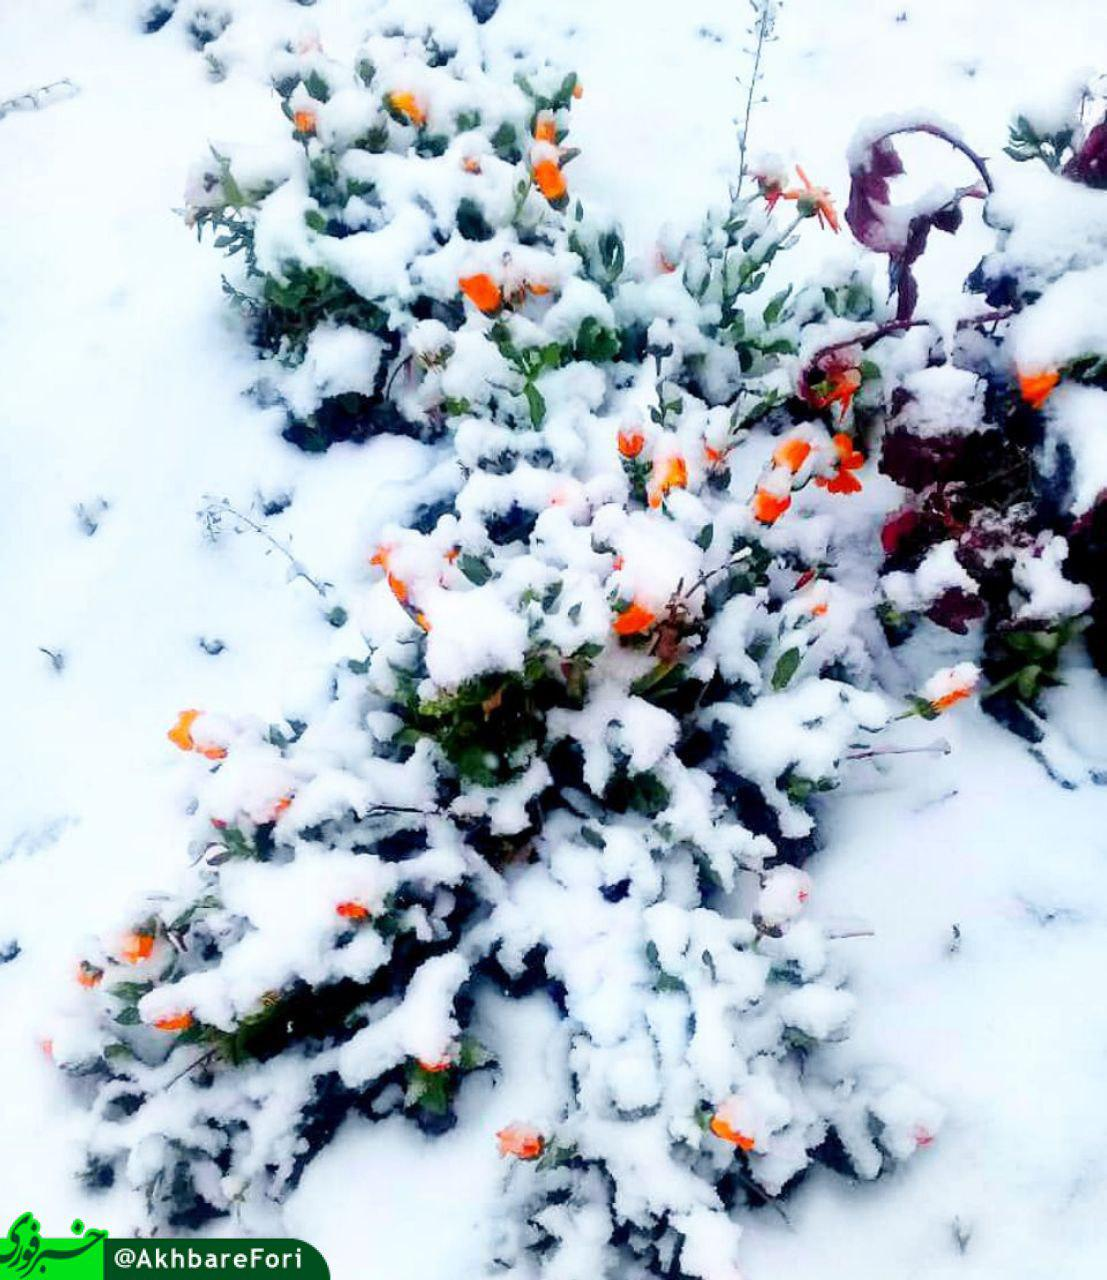 گلهای به زیر برف رفته در اردیبهشت ماه + عکس